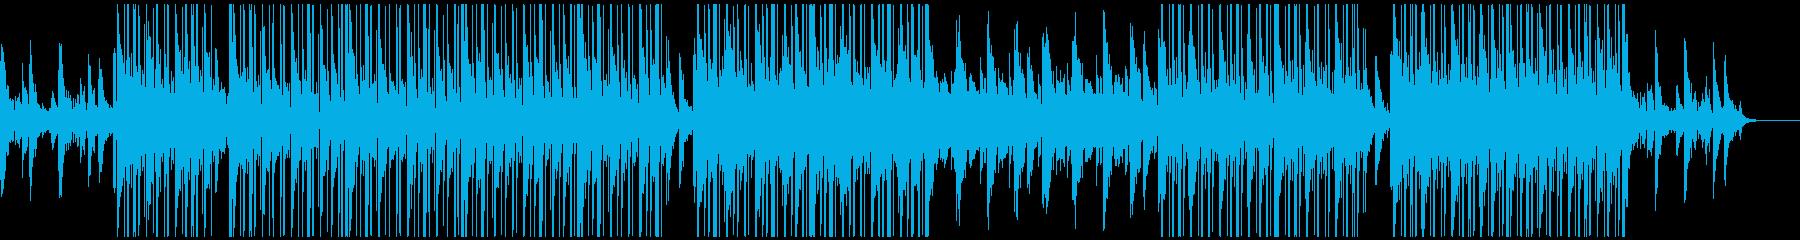 チルアウト、トラップソウル、R&B♪の再生済みの波形